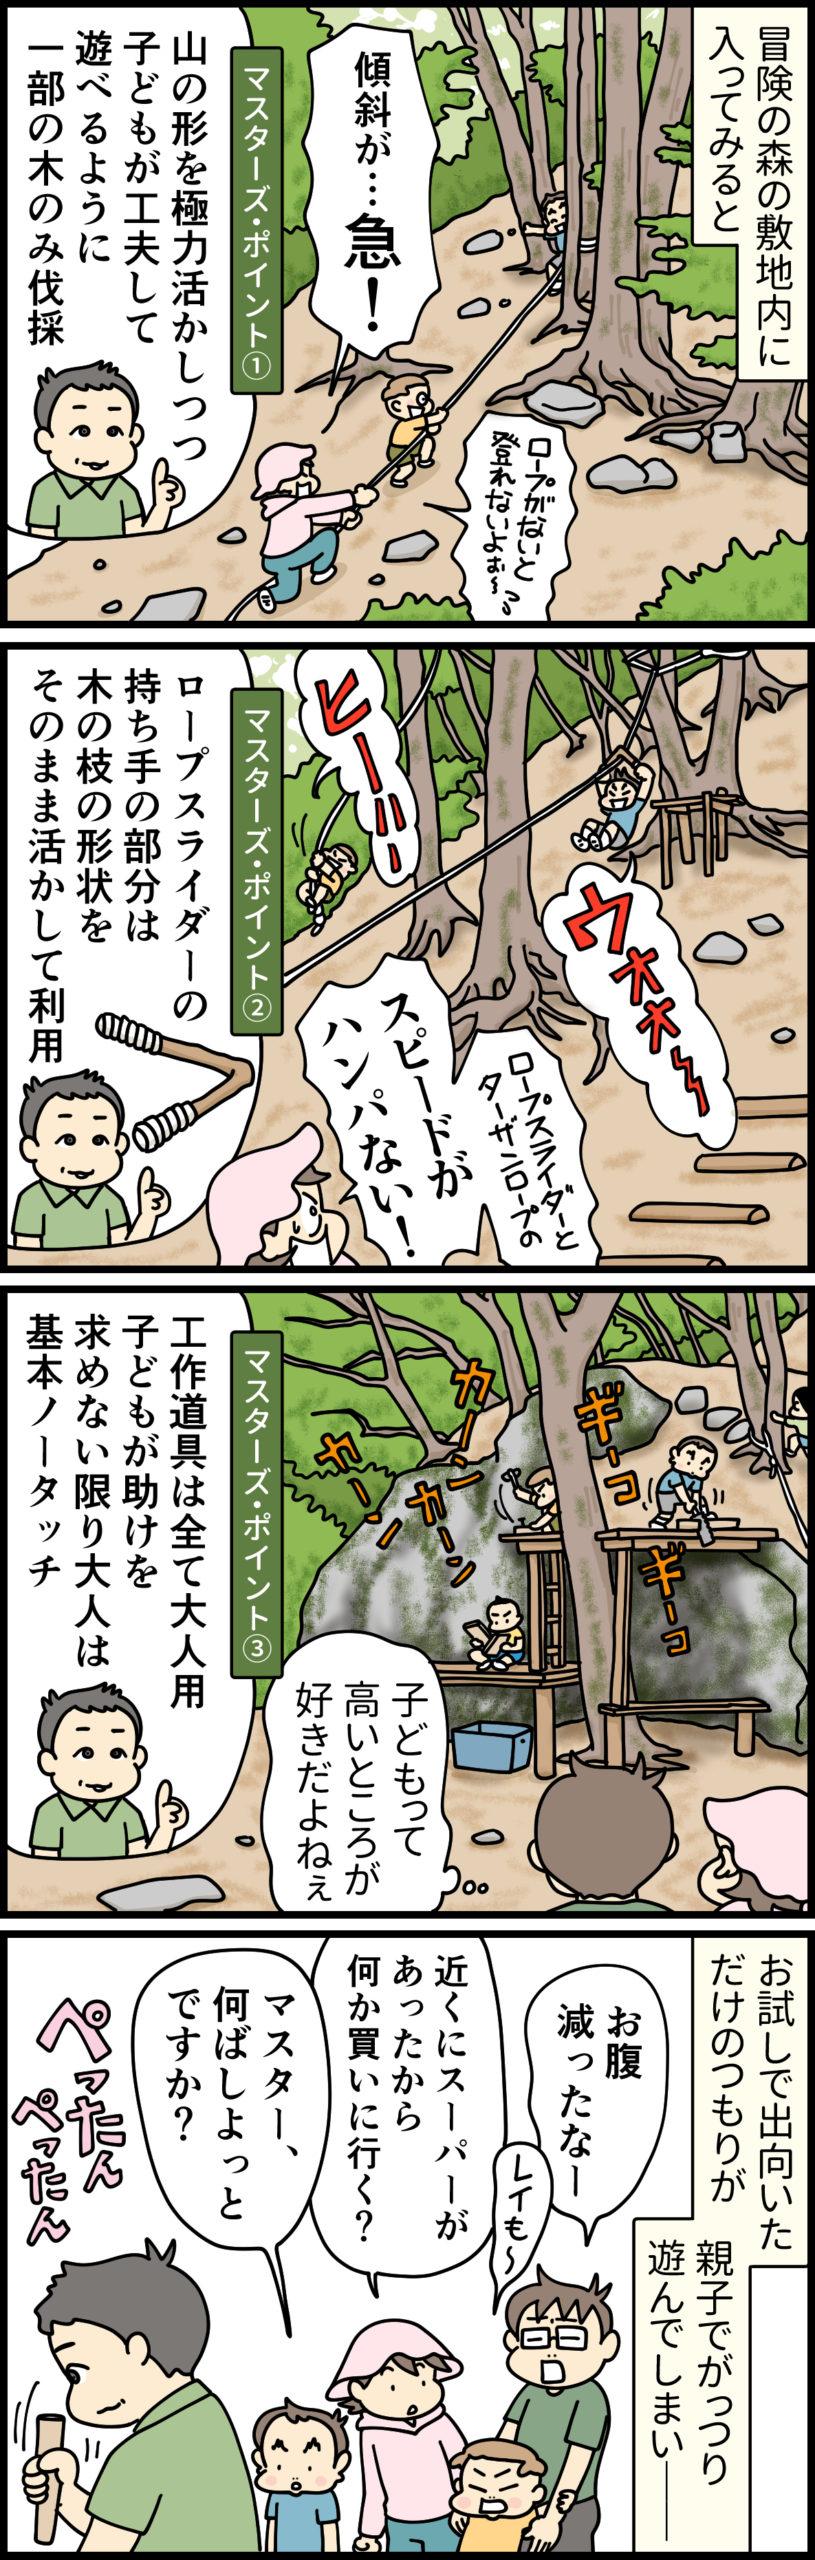 「冒険の森」のロープスライダーで遊んだり工作道具コーナーで遊ぶ大原由軌子の長男タケと次男レイ